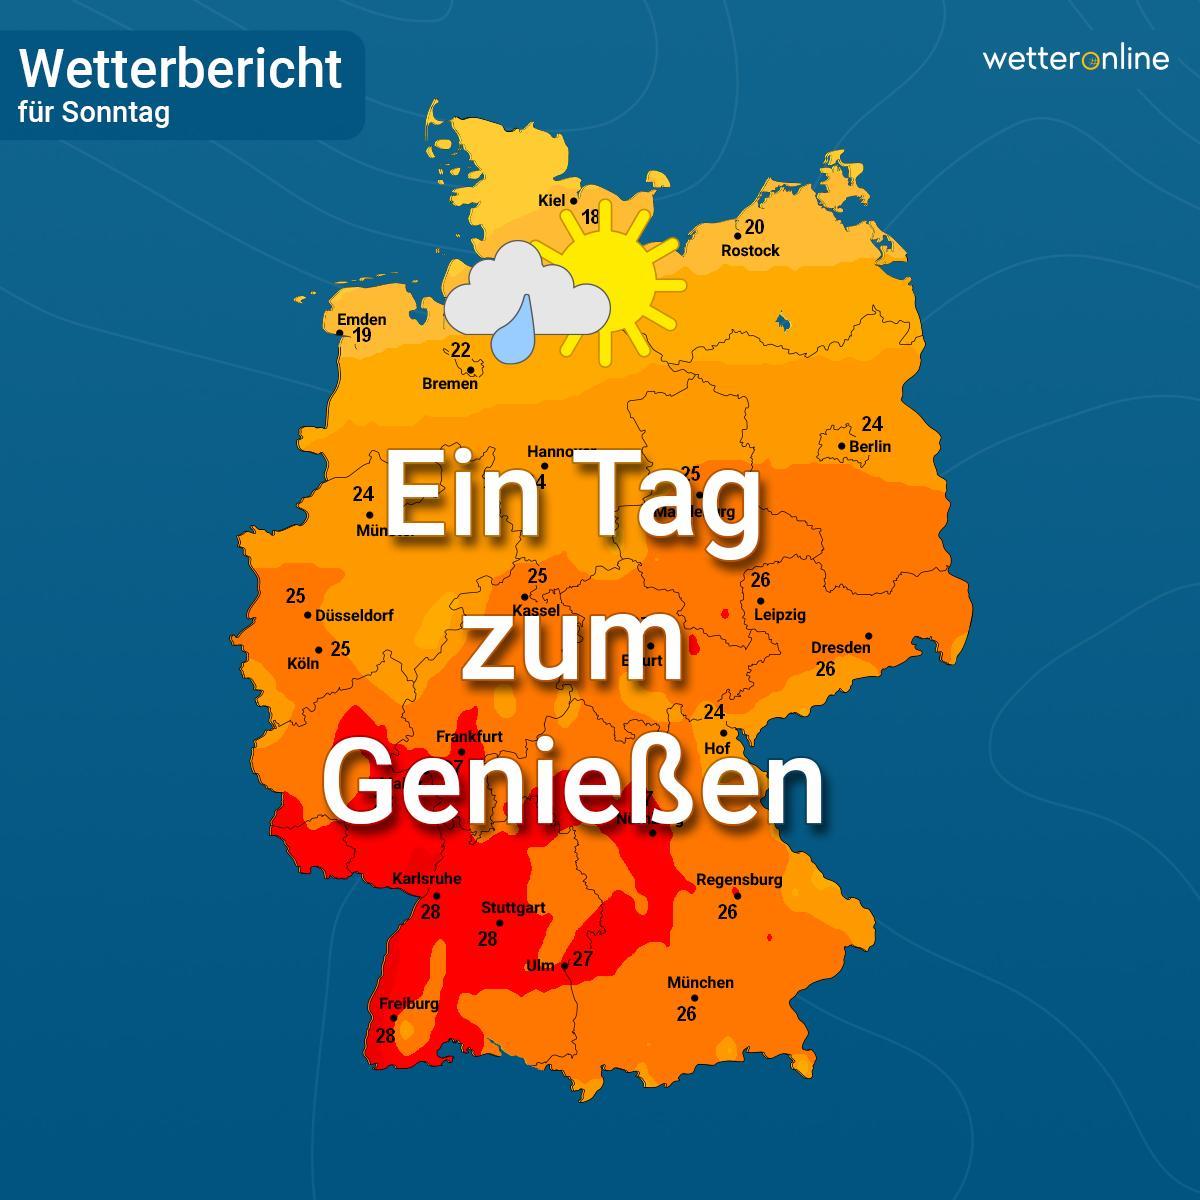 Wie ist das wetter heute in düsseldorf | Wetter Düsseldorf ...